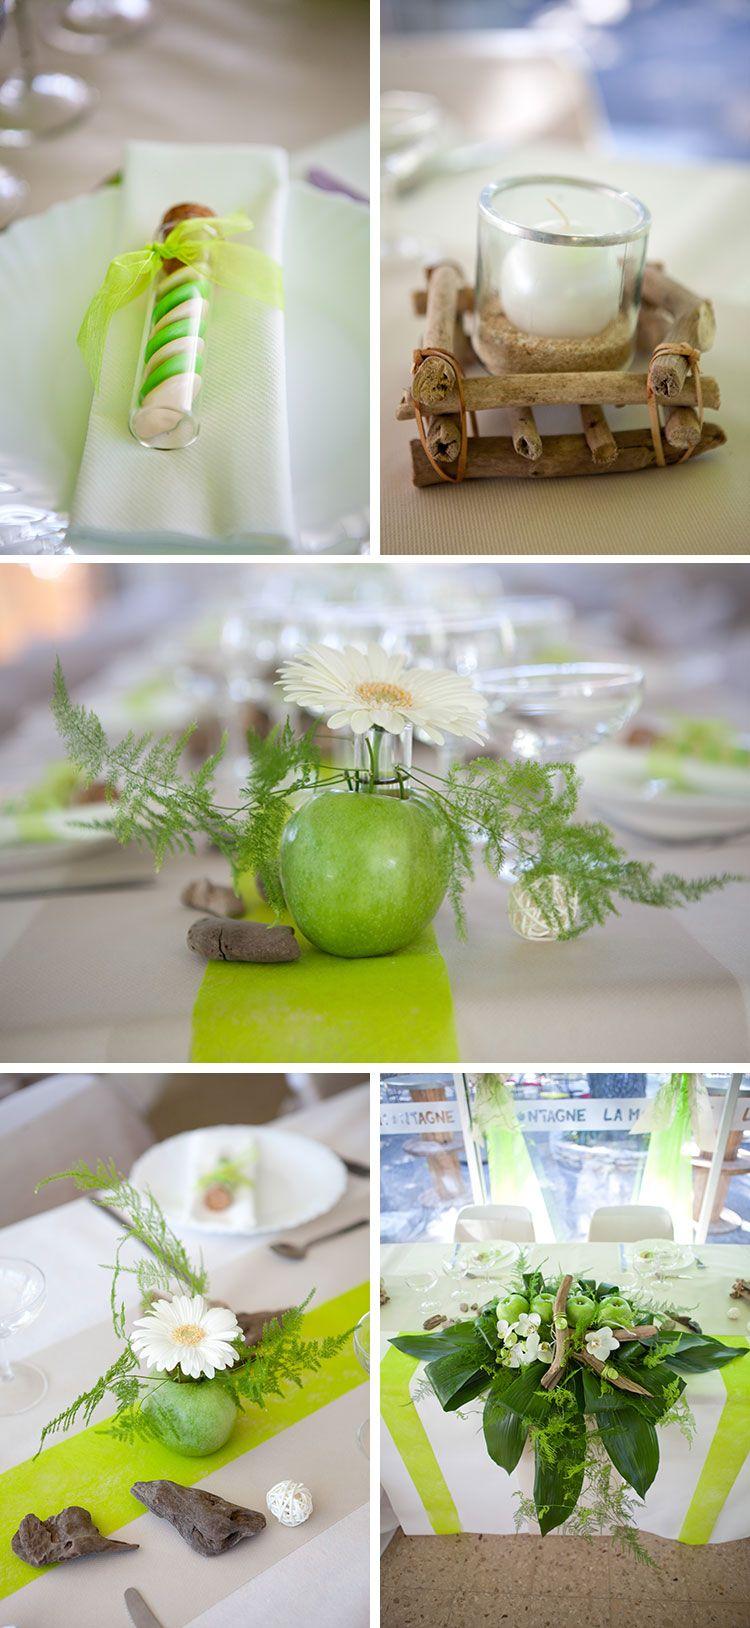 D coration de table de mariage sur le th me nature une d coration blanche e - Video amour sur une table ...